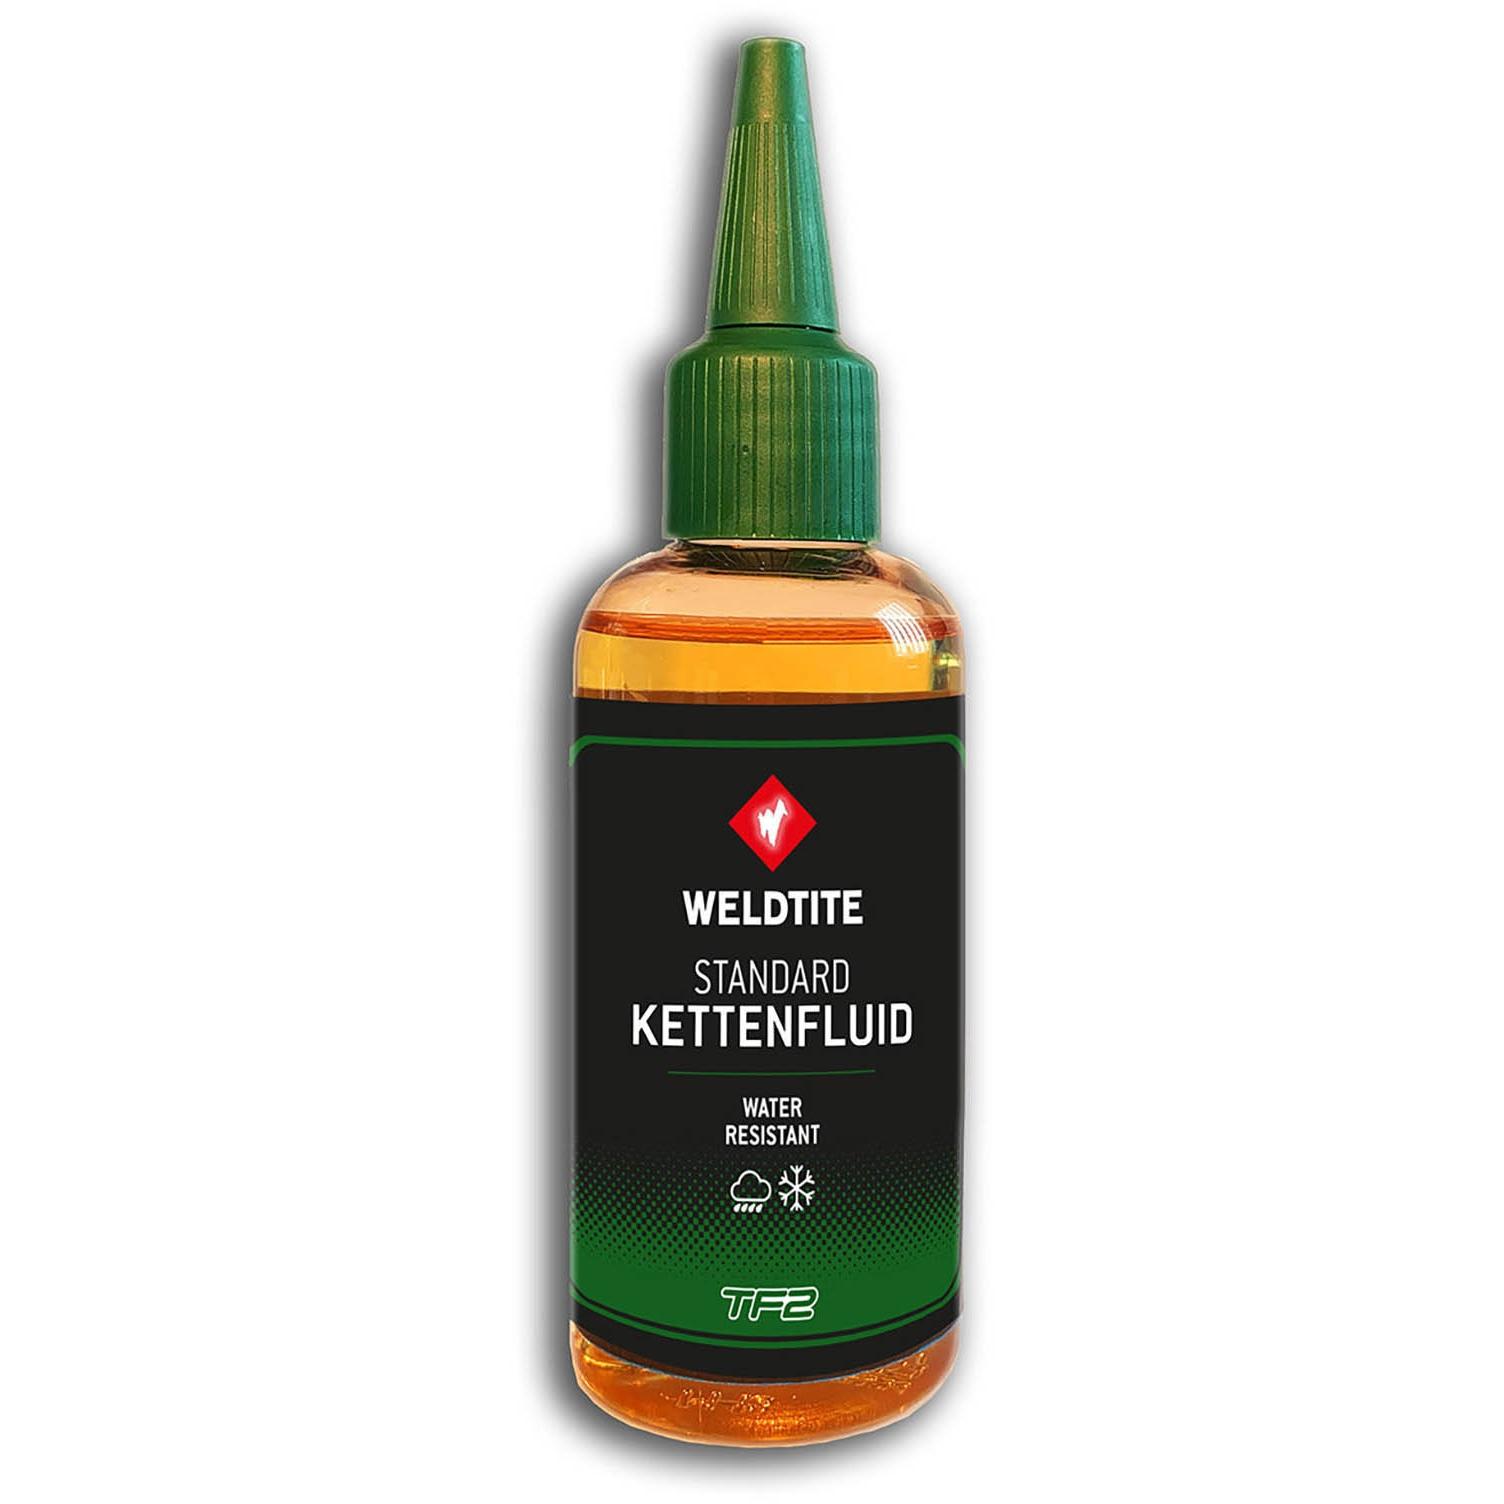 WELDTITE Standard Kettenfluid 100ml